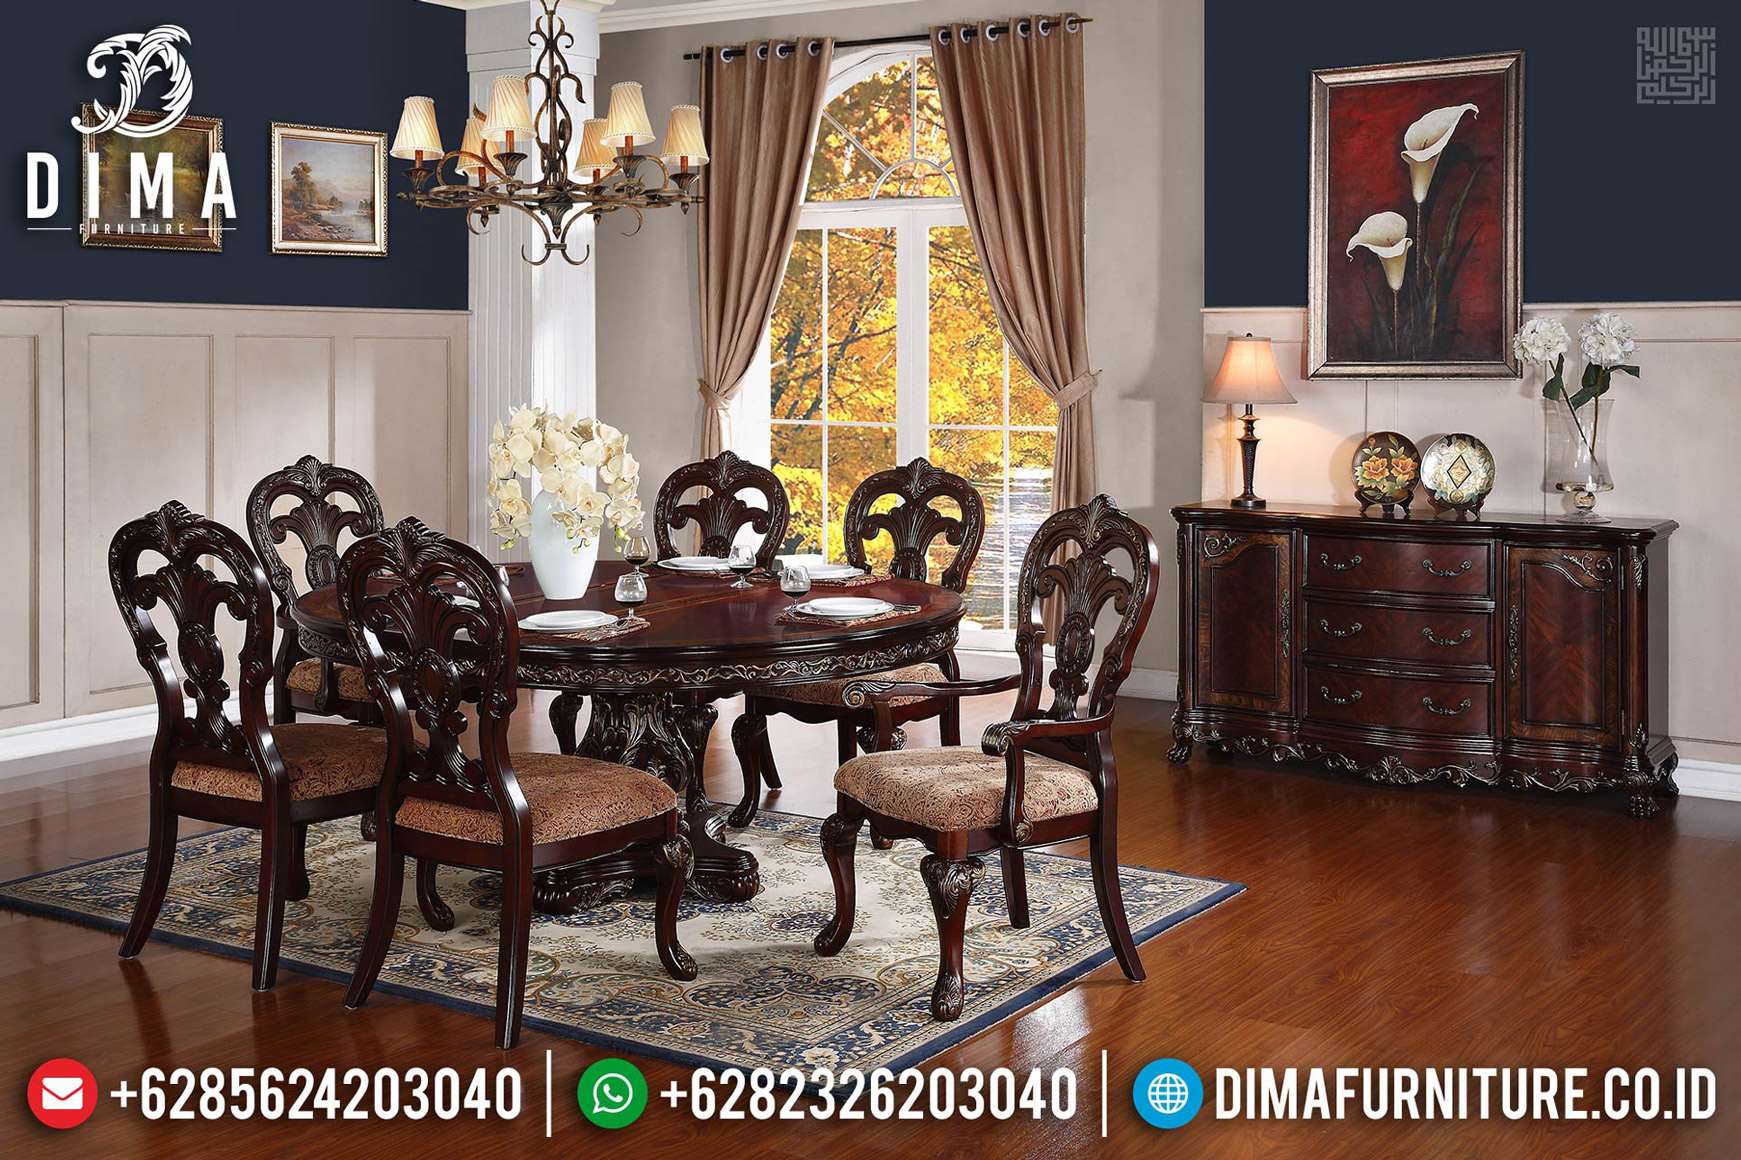 Natural Desain Meja Makan Bundar Klasik Jati Rose Wood Color BT-0548